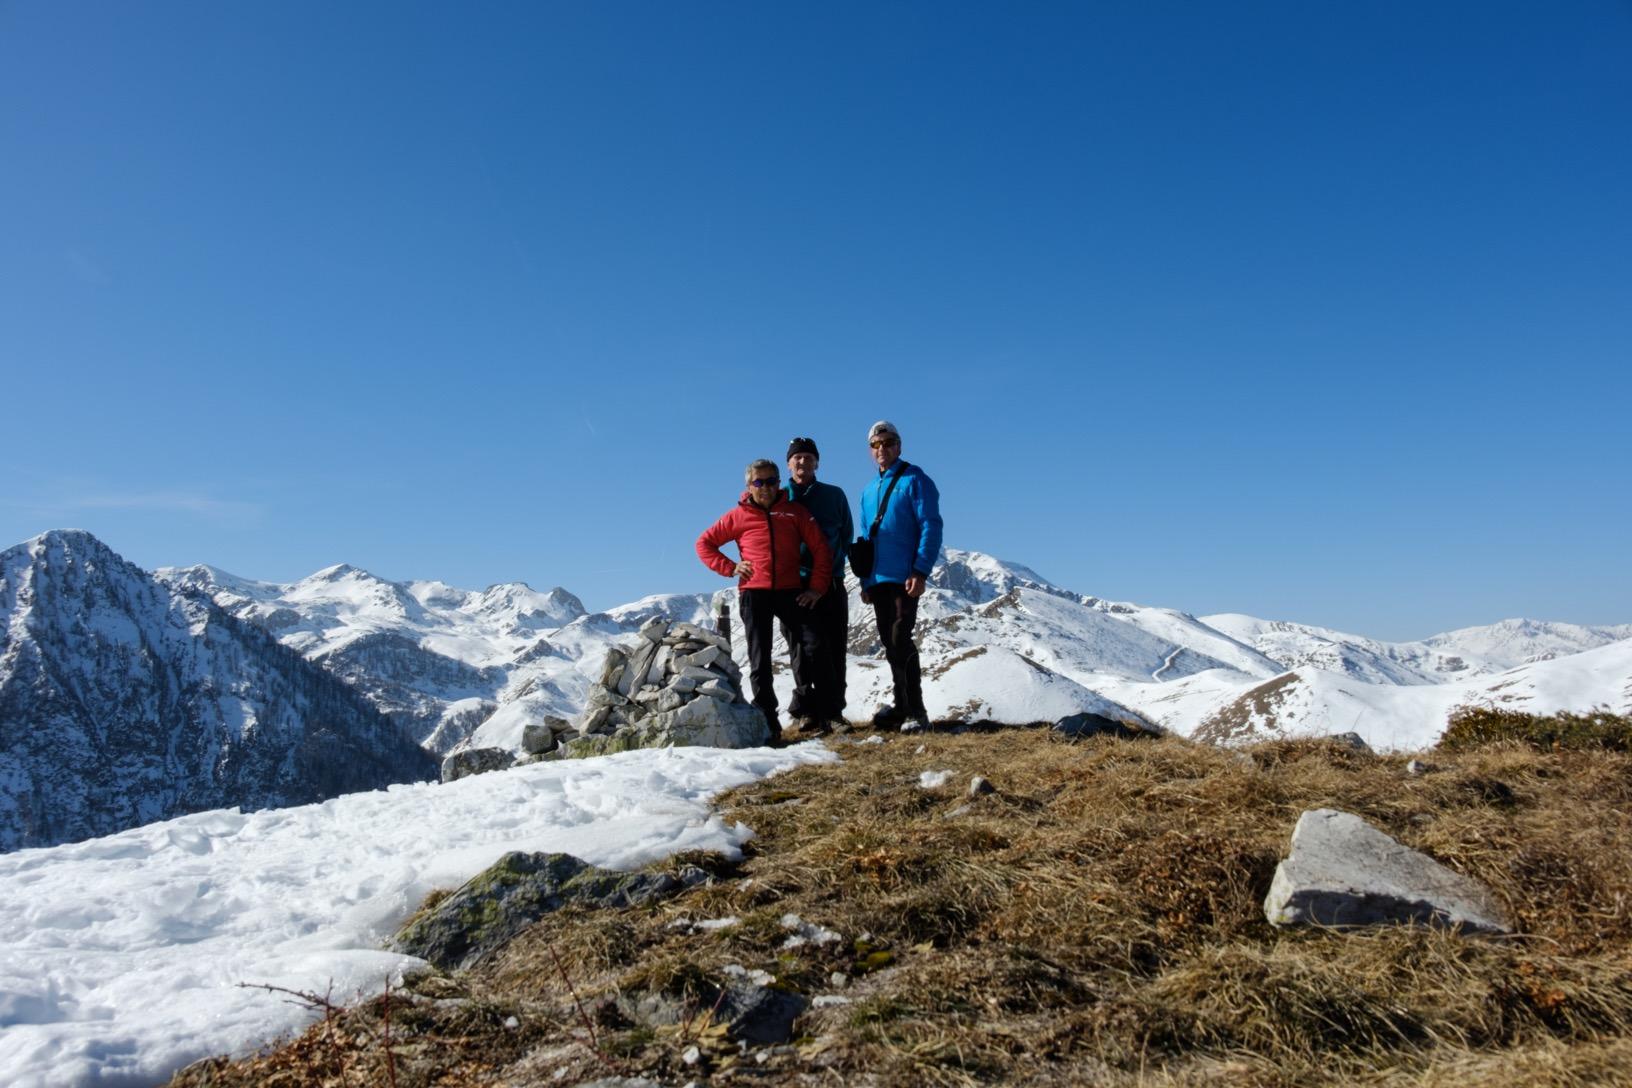 Foto di gruppo sulla cima